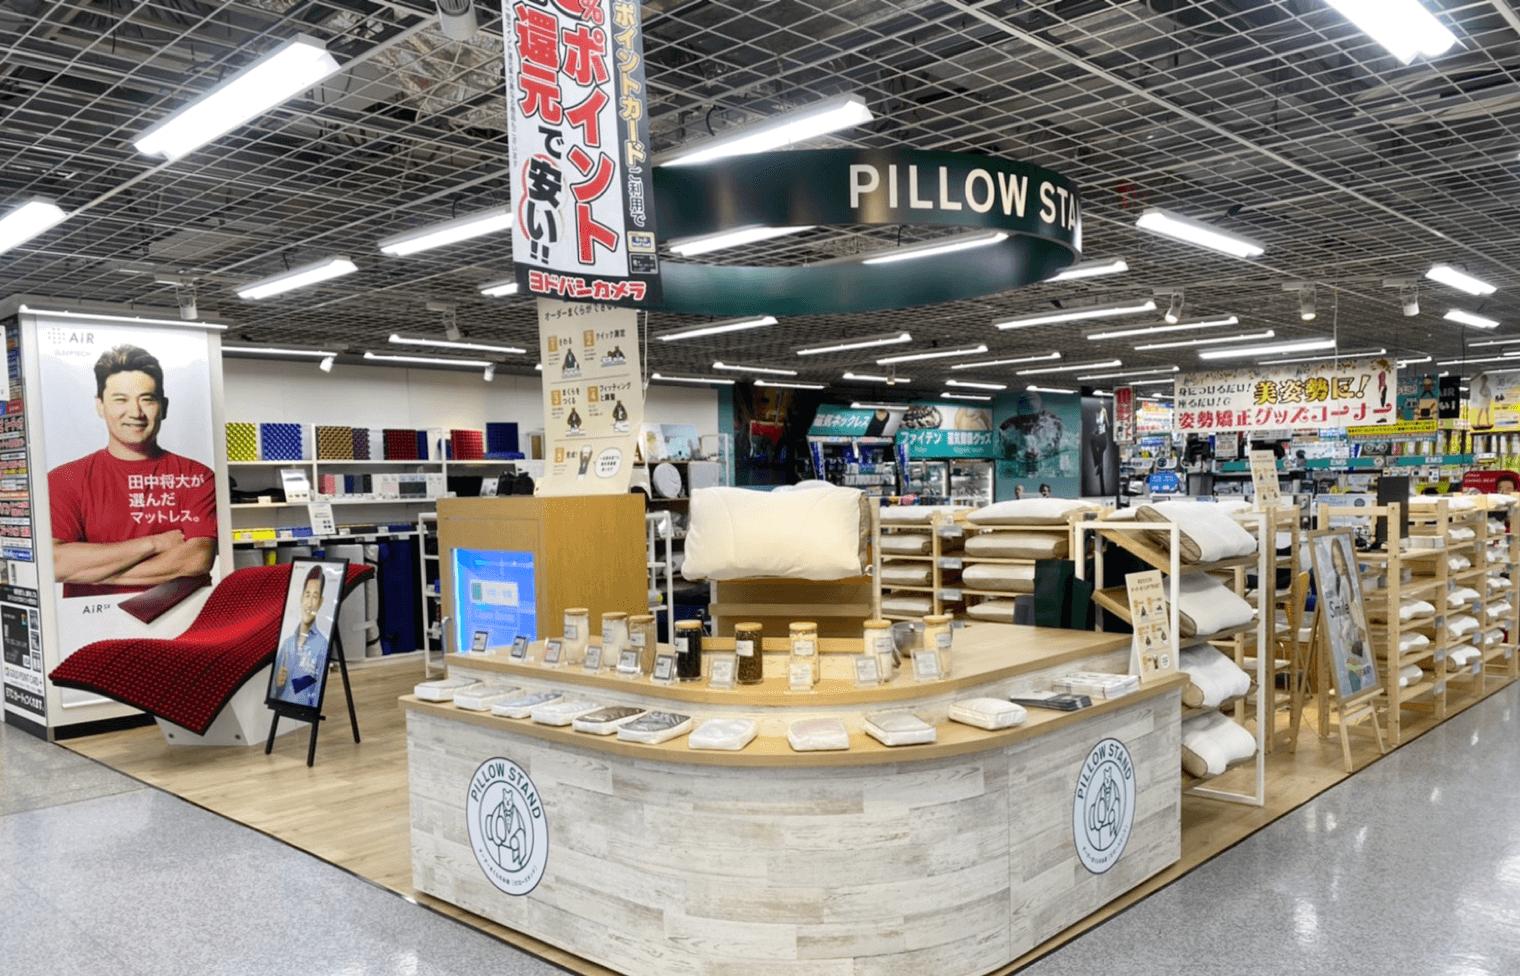 ヨドバシカメラ マルチメディア京都店 ピロースタンドコーナー